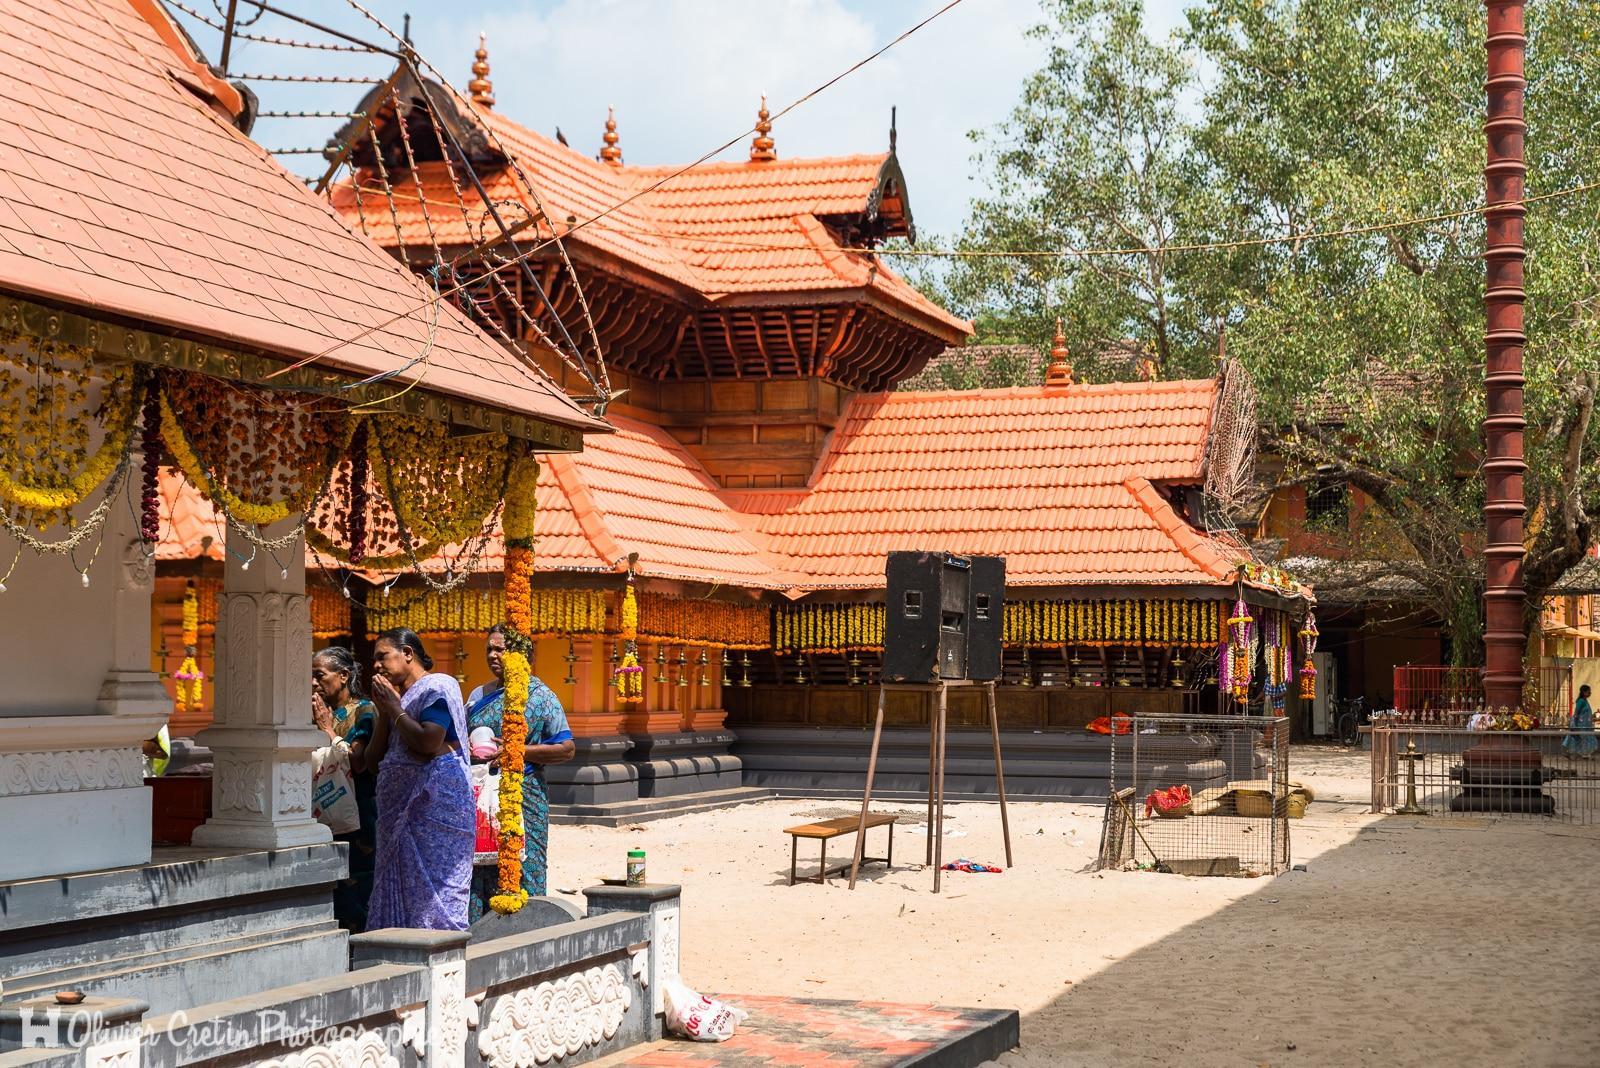 Inde - Alleppey - L\'heure de la prière